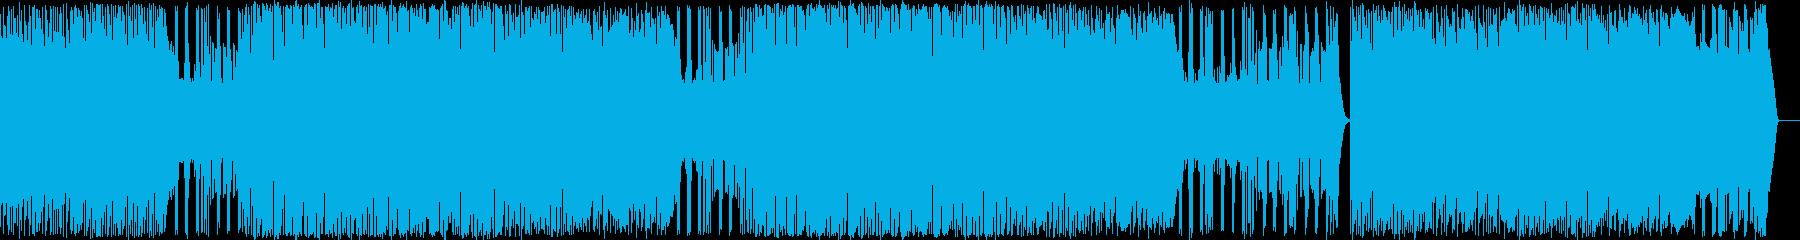 808/ブラス/トラップ/ヒップホップ/の再生済みの波形